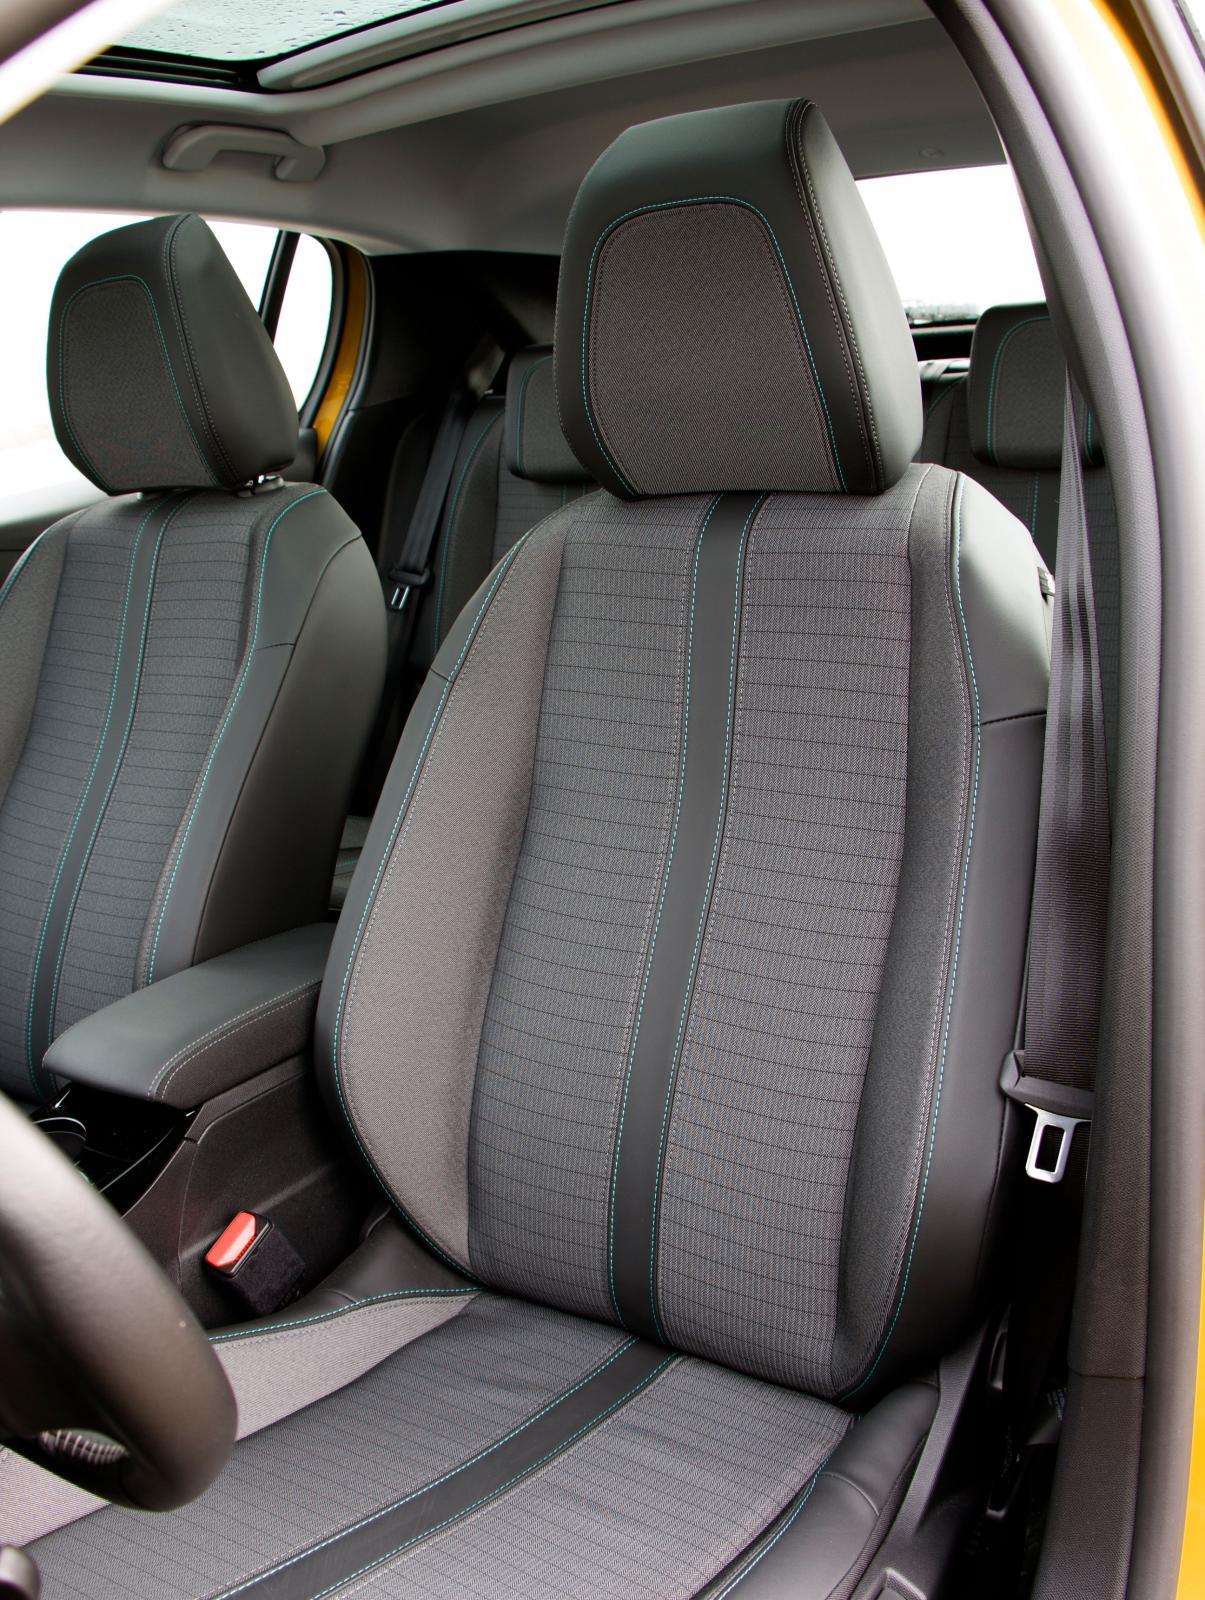 Mycket behagliga stolar, någon känsla av att ha ha hamnat i en småbil finns inte där framme i Peugeot.